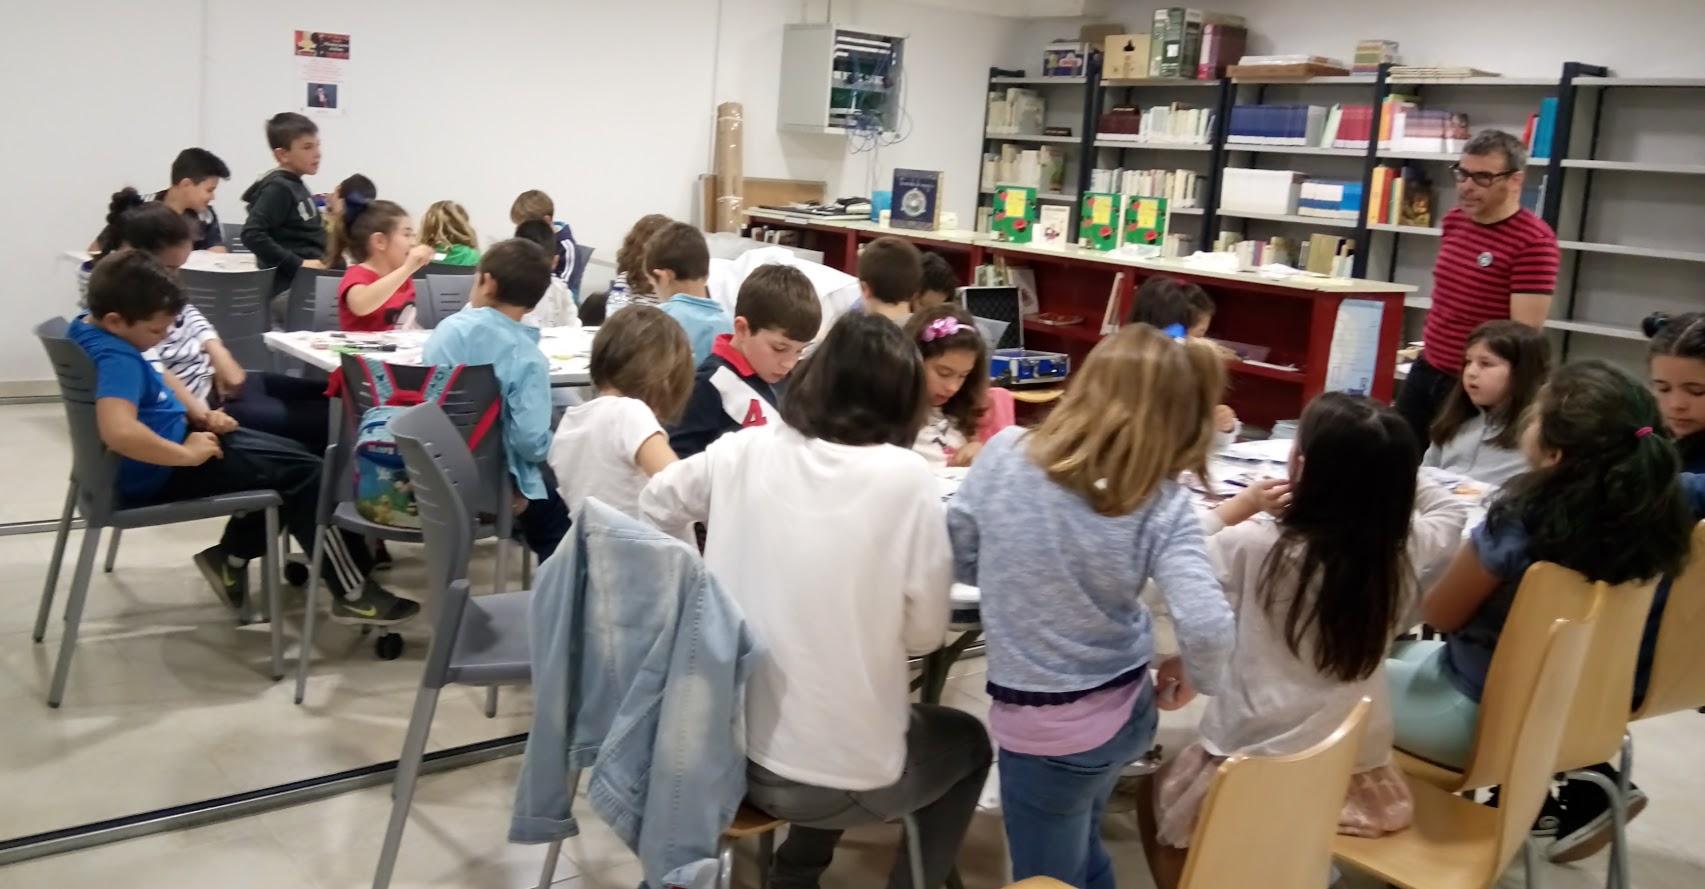 sala con público infantil aprendiendo ilusionismo